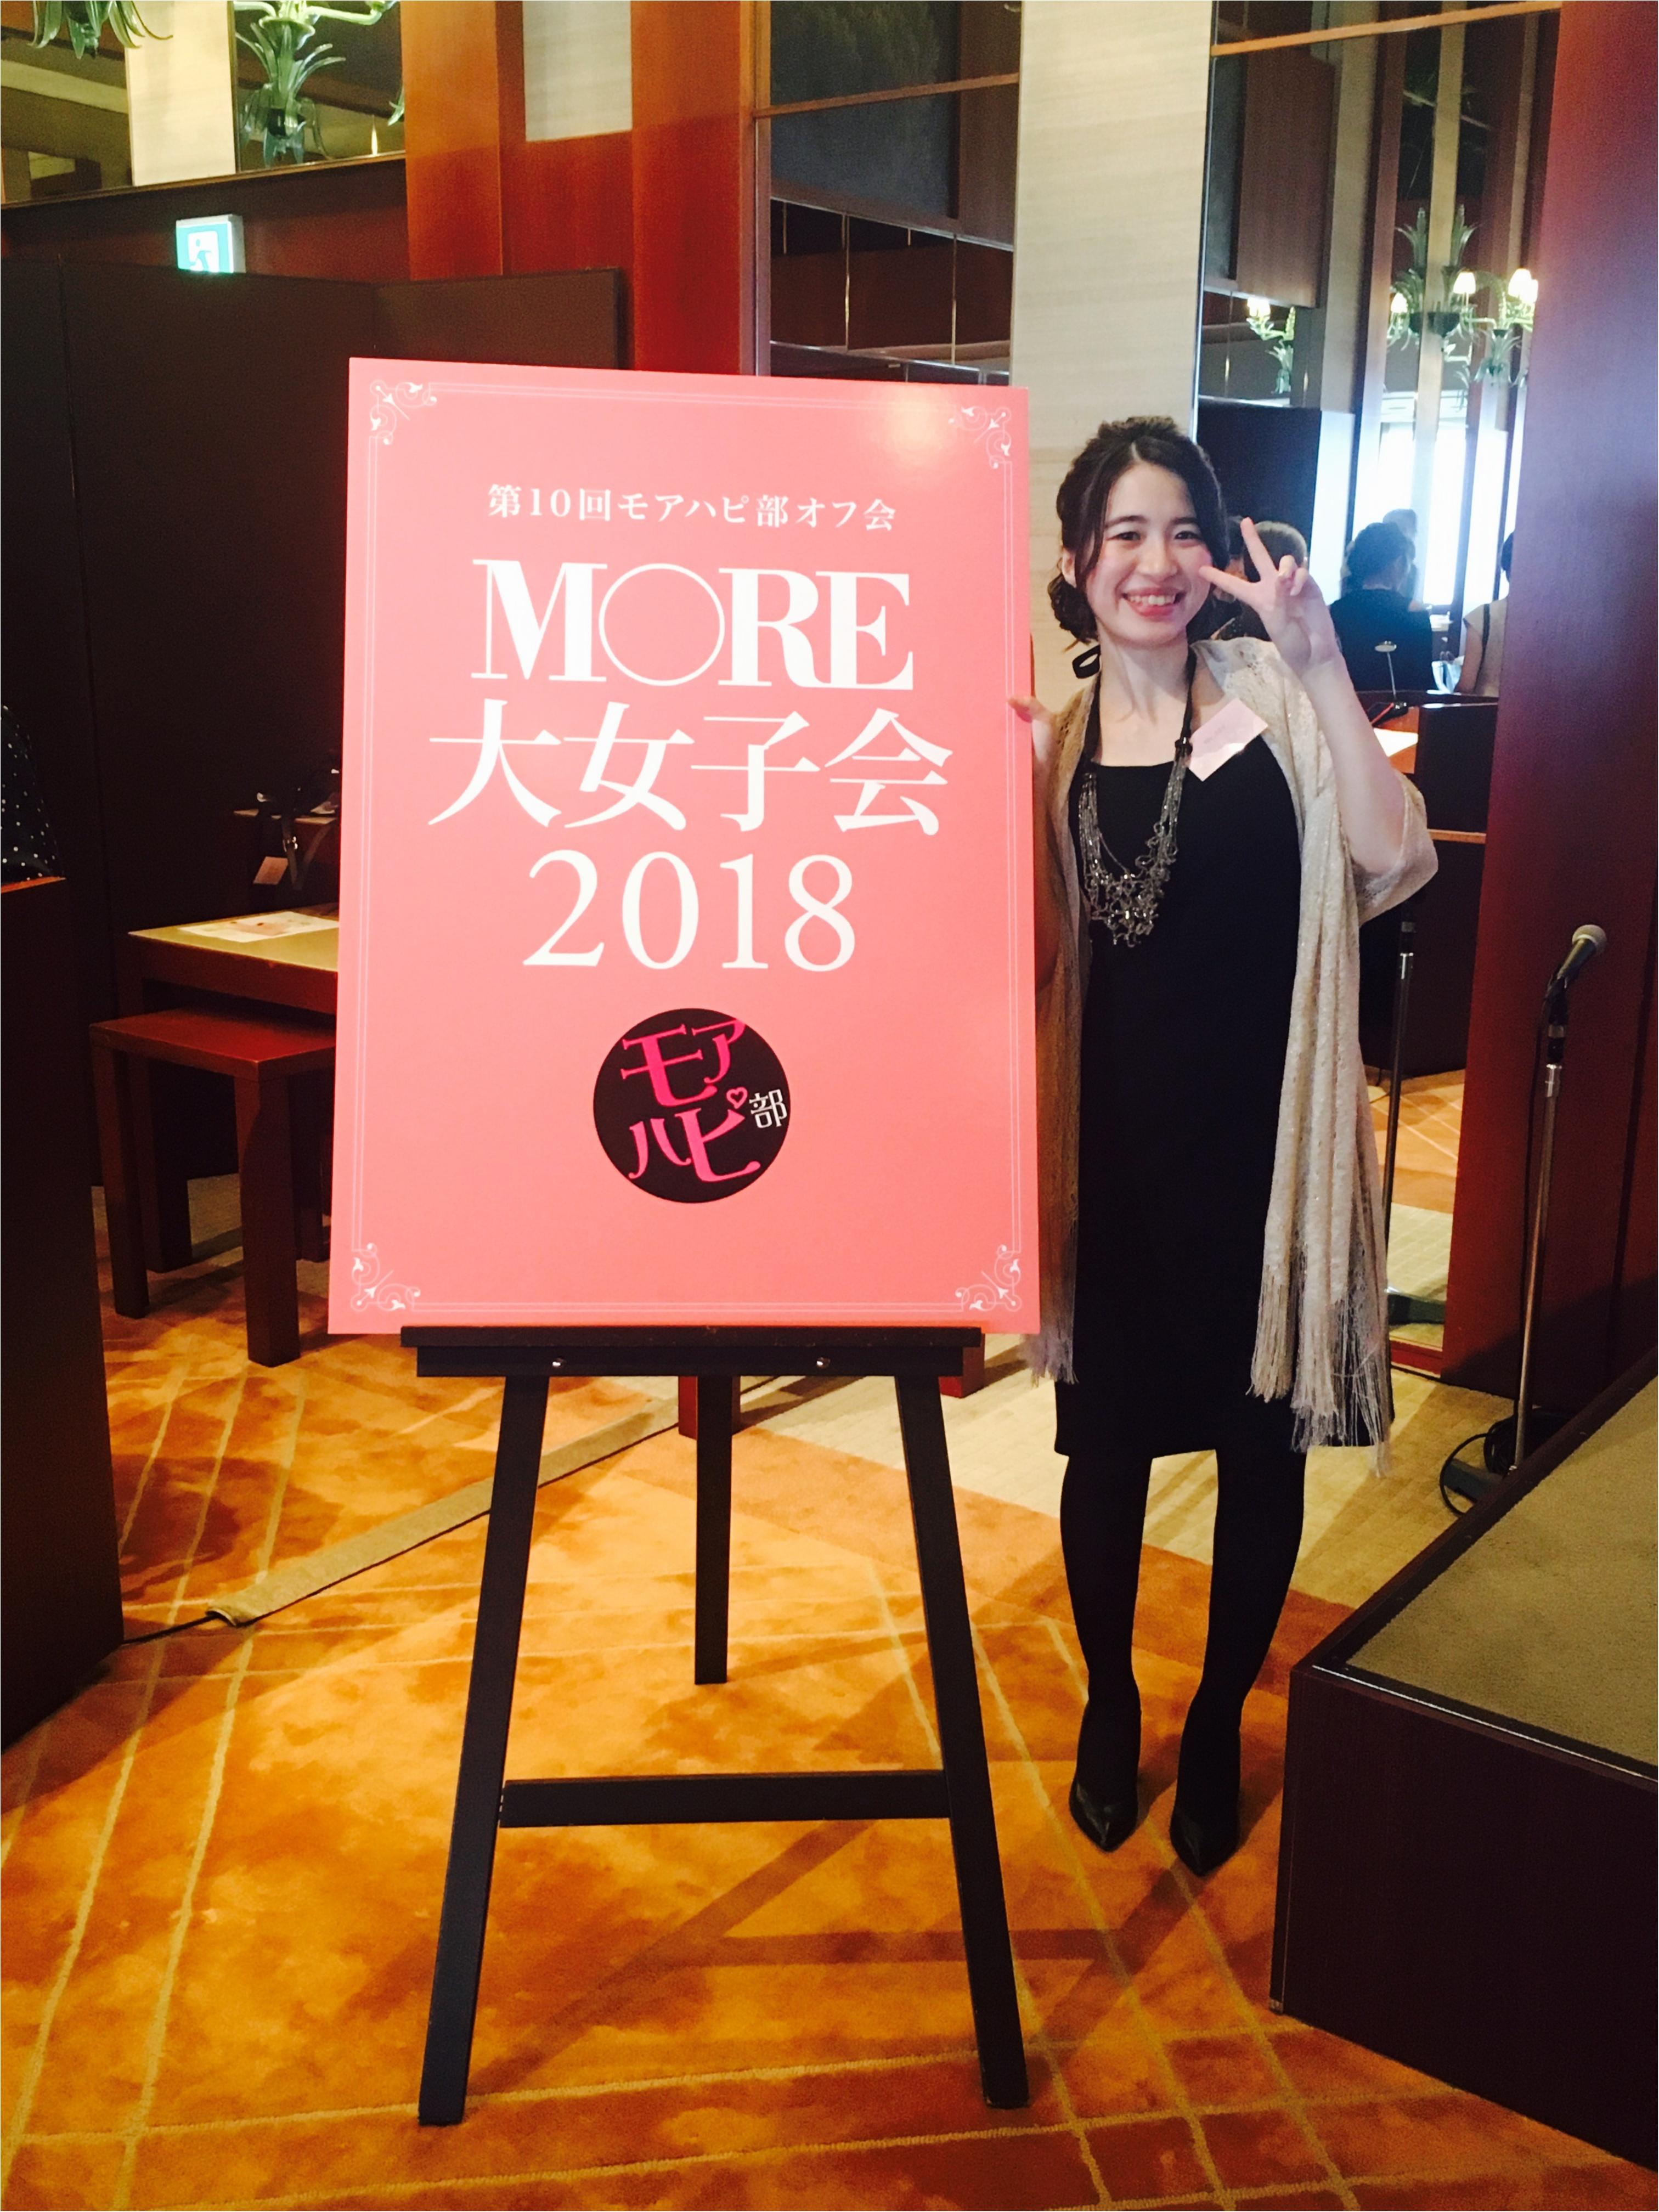 【MOREハピ部大女子会2018】に初参加!≪PRADA≫と≪MaxMara≫で褒められコーデ!_1